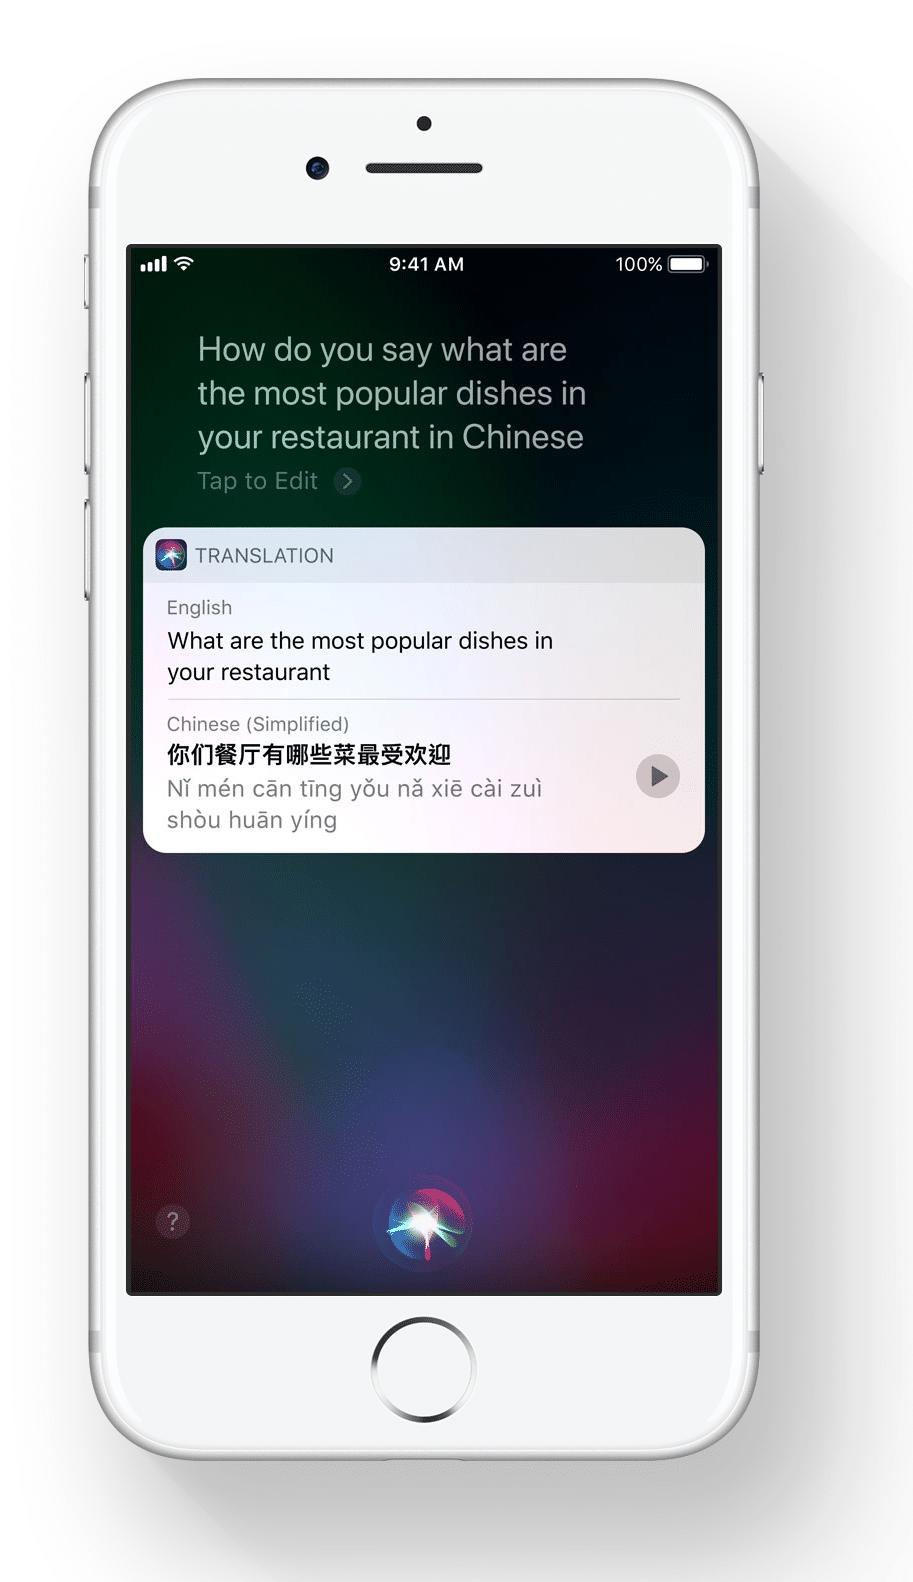 Apple präsentiert iOS 11 mit vielen kleinen Änderungen